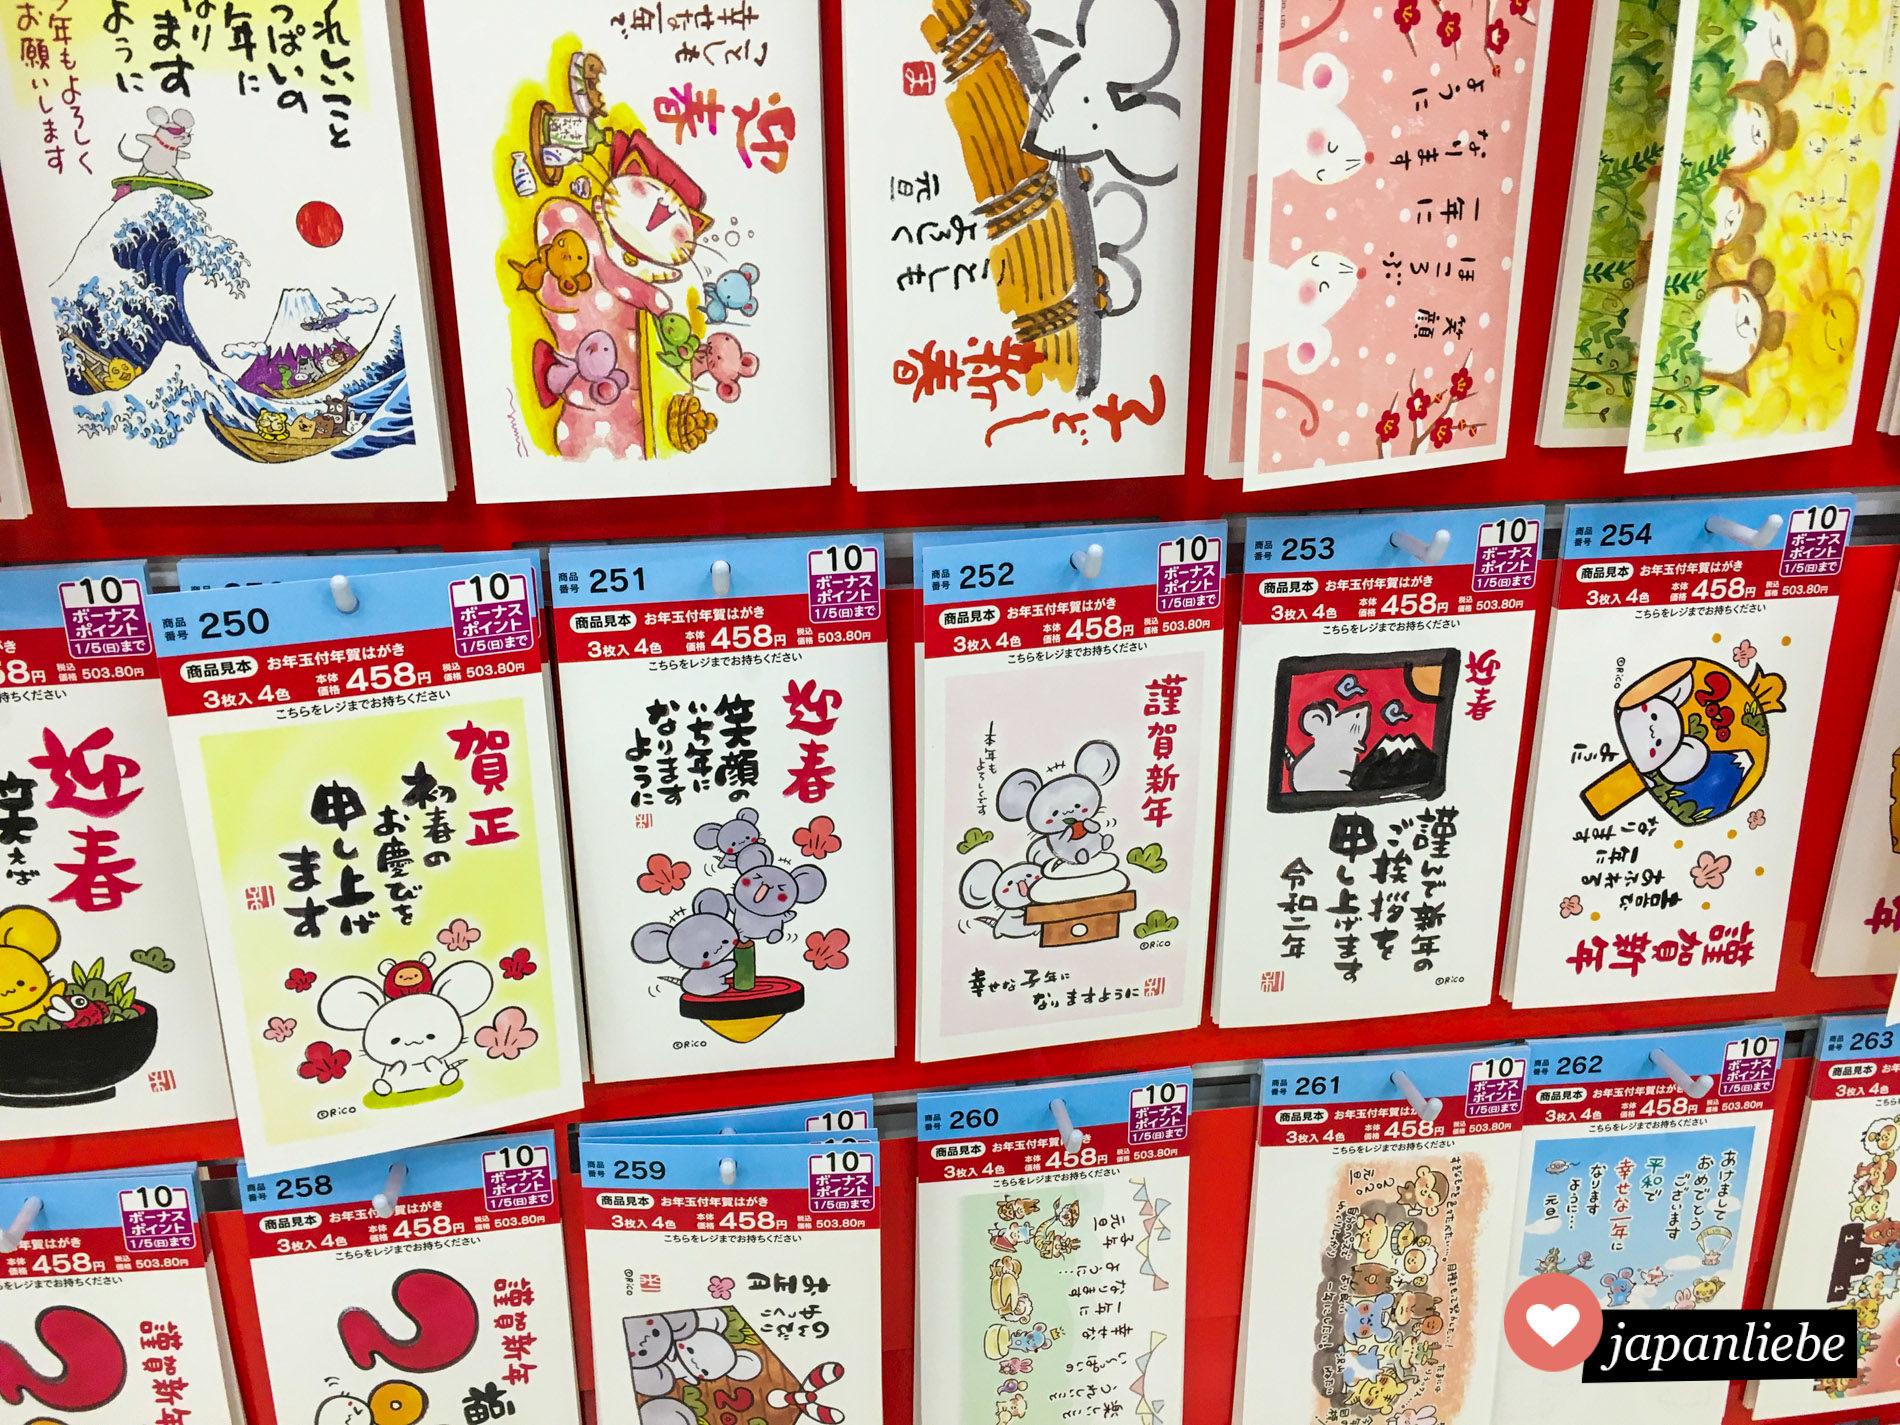 Neujahrskarten sind in Japan Serious Business. Jedes Jahr gibt es eine gigantonormische Auswahl passend zum Tierkreiszeichen des jeweiligen Jahres. 2020: die Ratte.